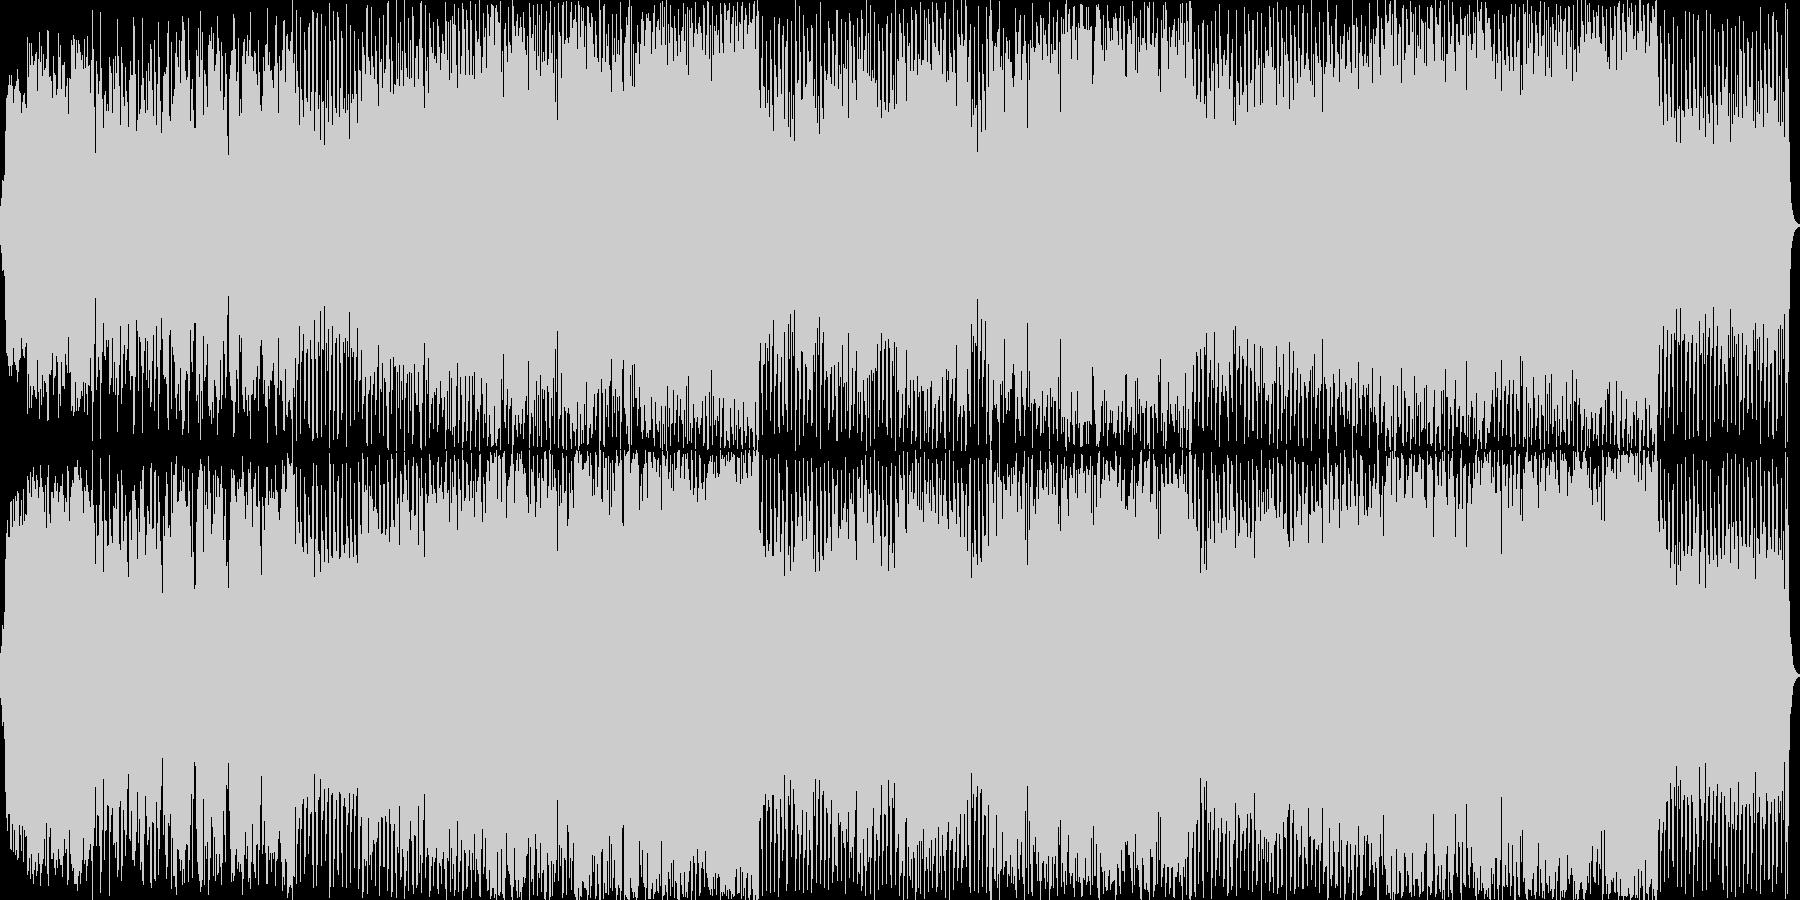 抒情的、神秘的なオーケストラ曲の未再生の波形